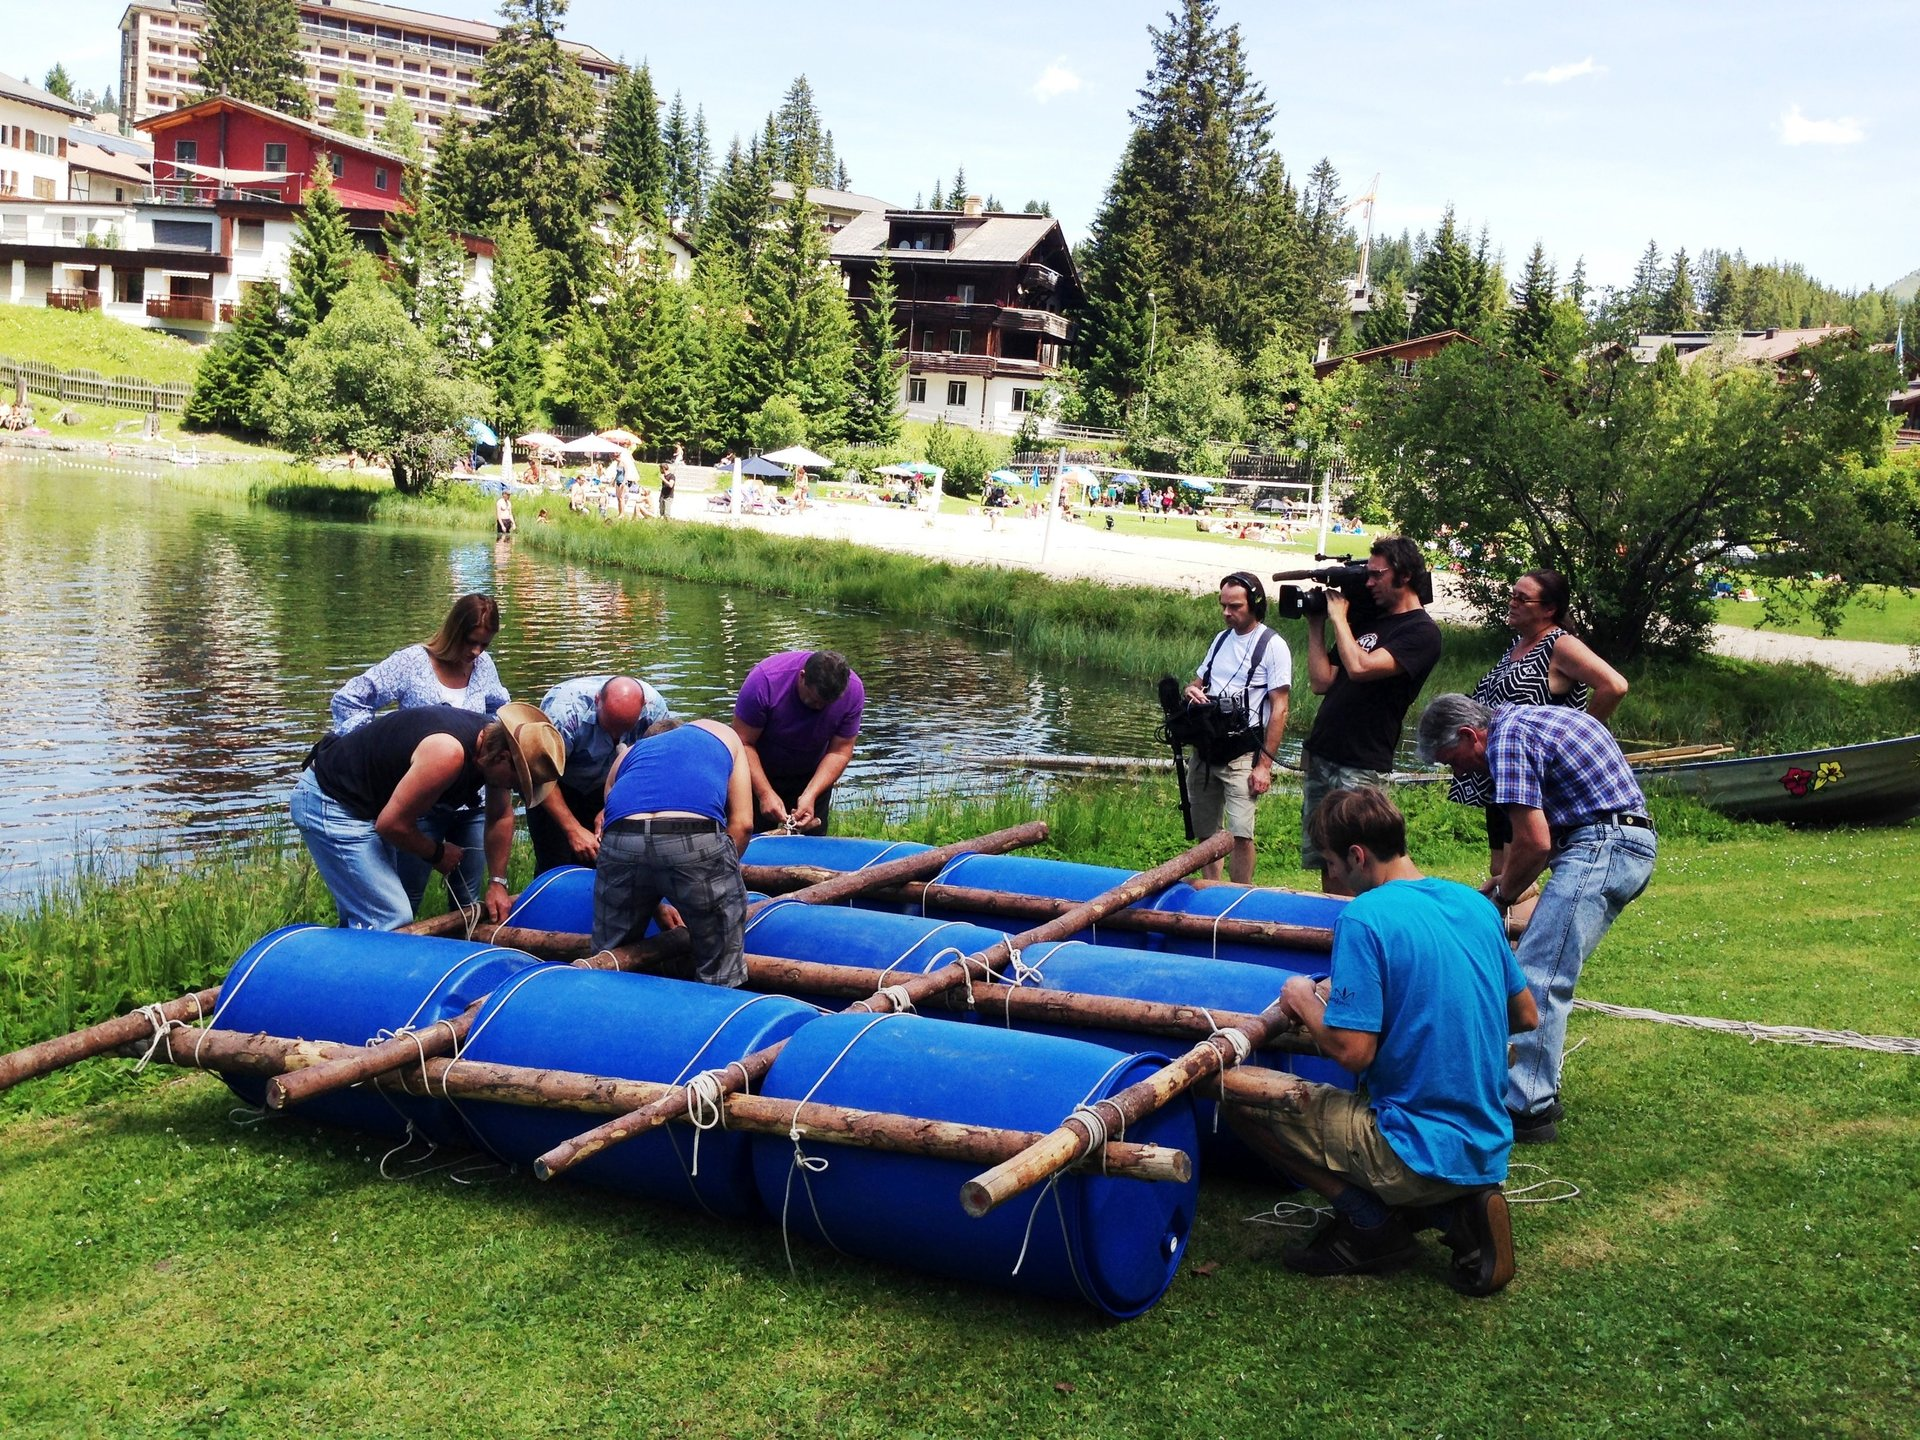 flossbau, floss bauen: sommer teamevent, teambuilding, firmenevent